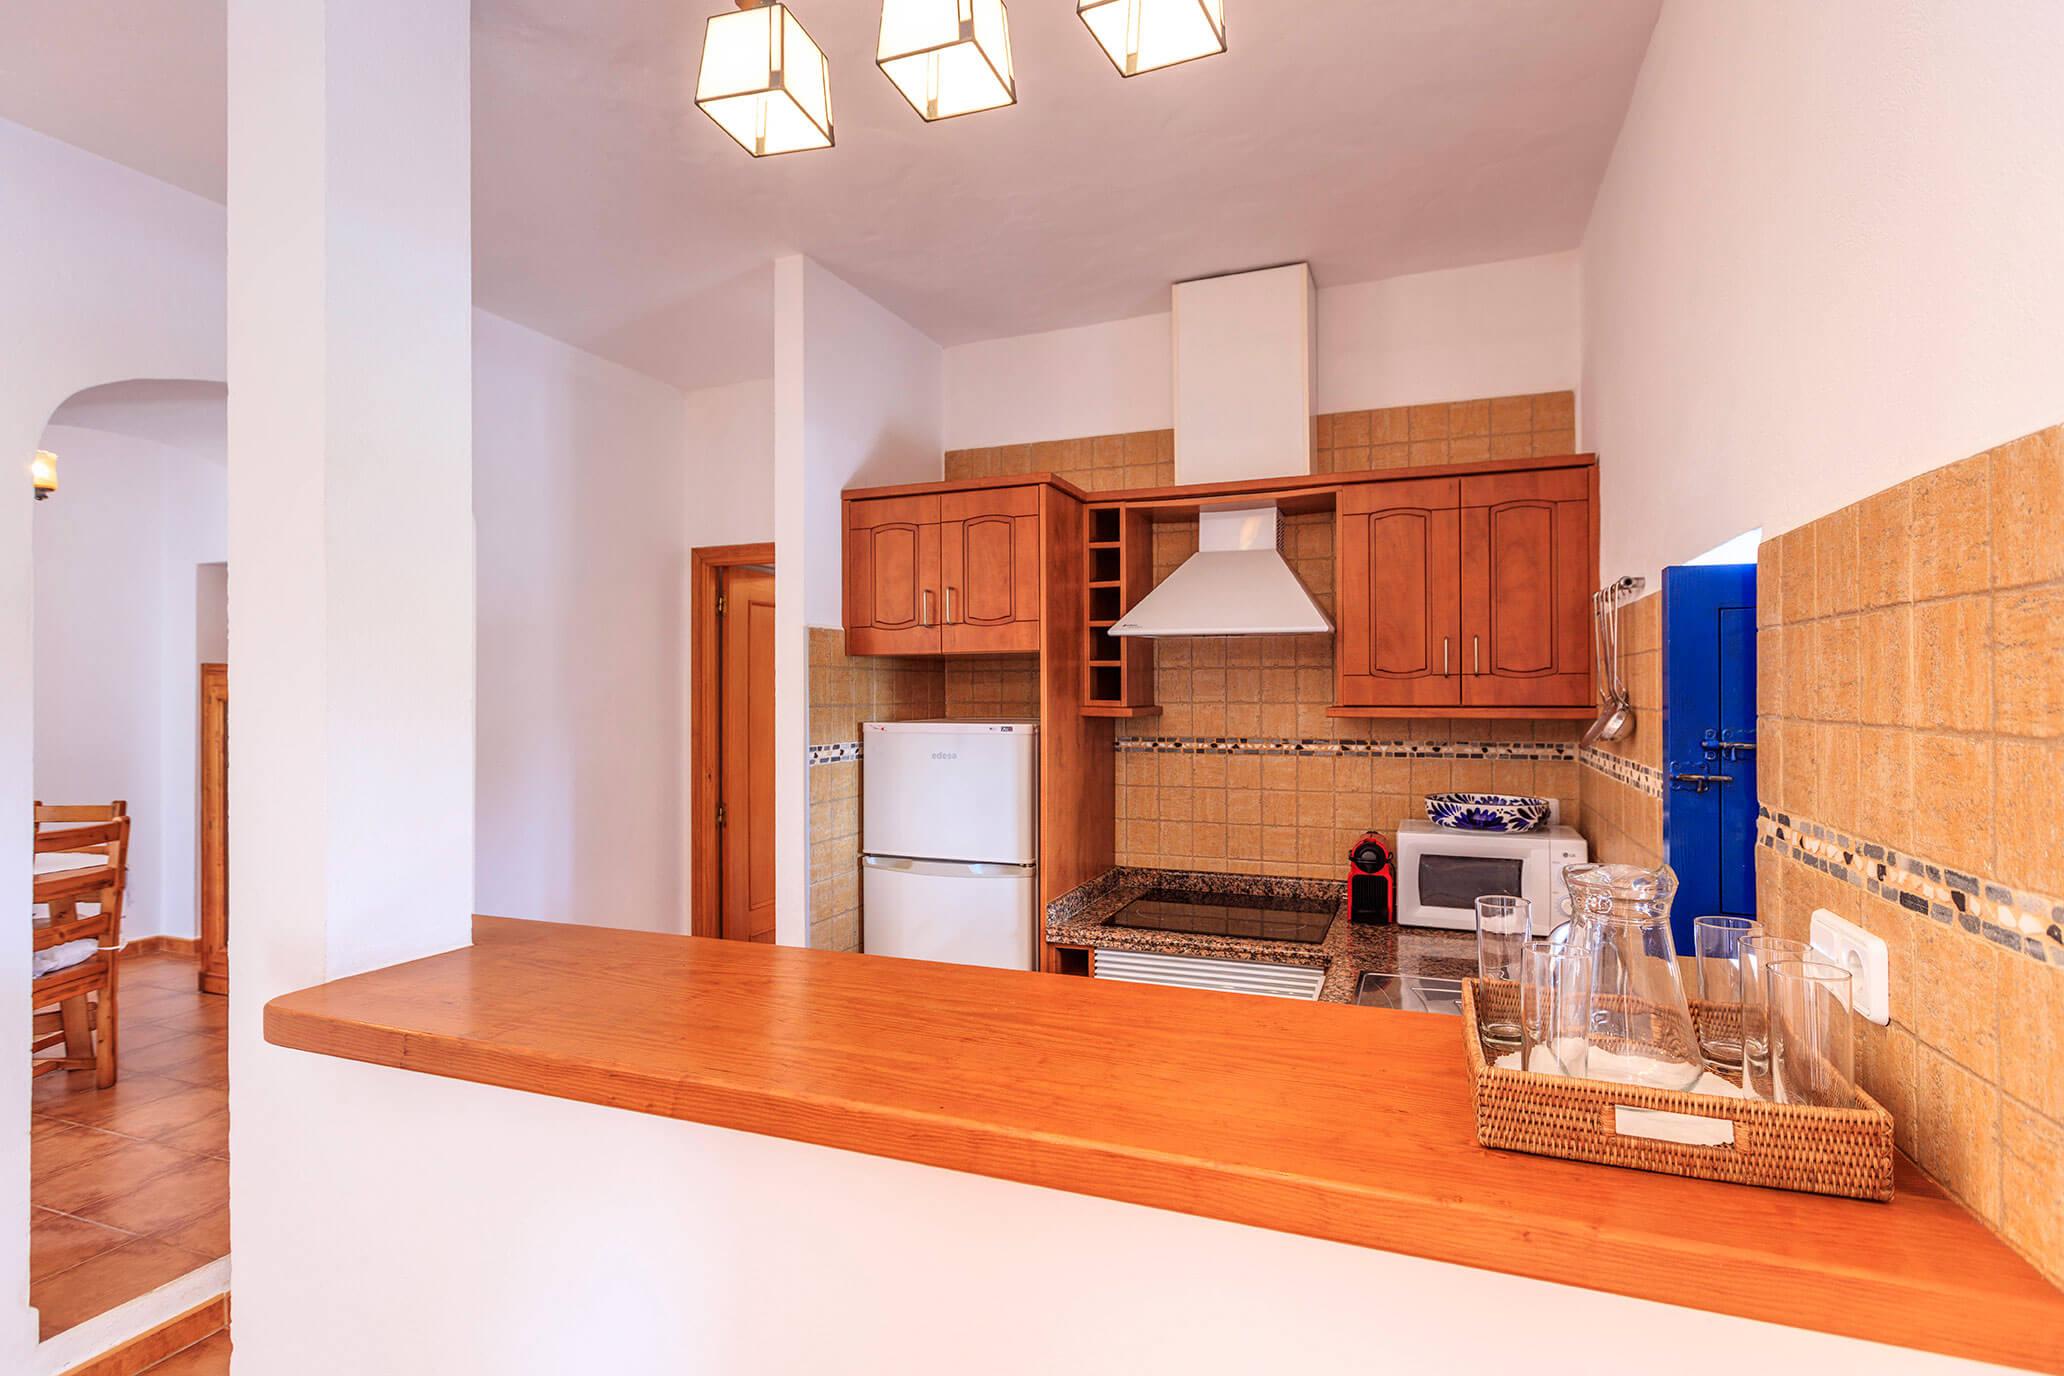 Cocina con barra americana de casa rural en Formentera. Alojamientos turísticos Cardona.